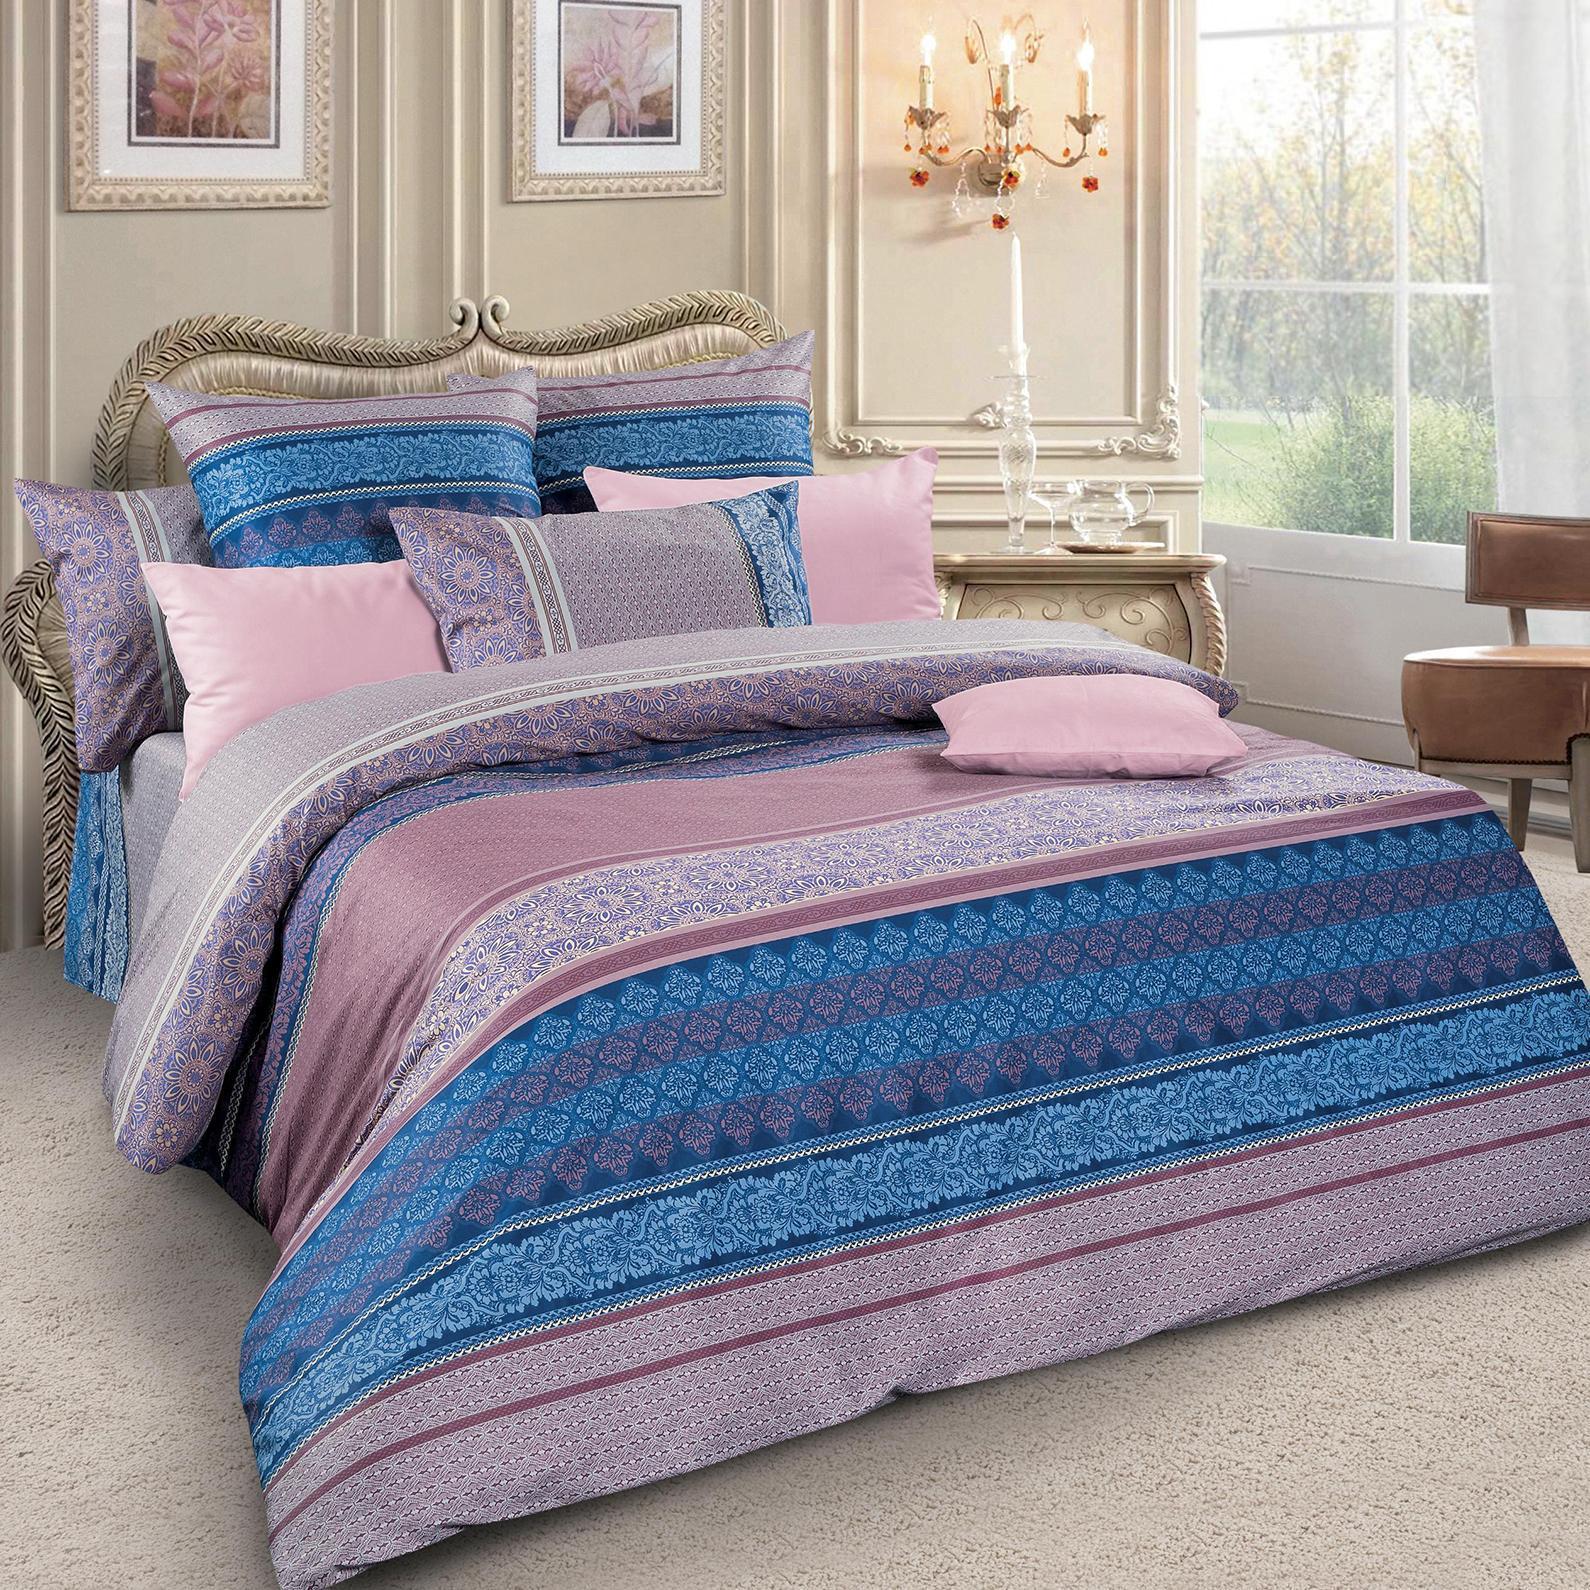 Комплект белья Letto, 1,5-спальный, наволочки 70х70, цвет: фиолетовый. sm49-3